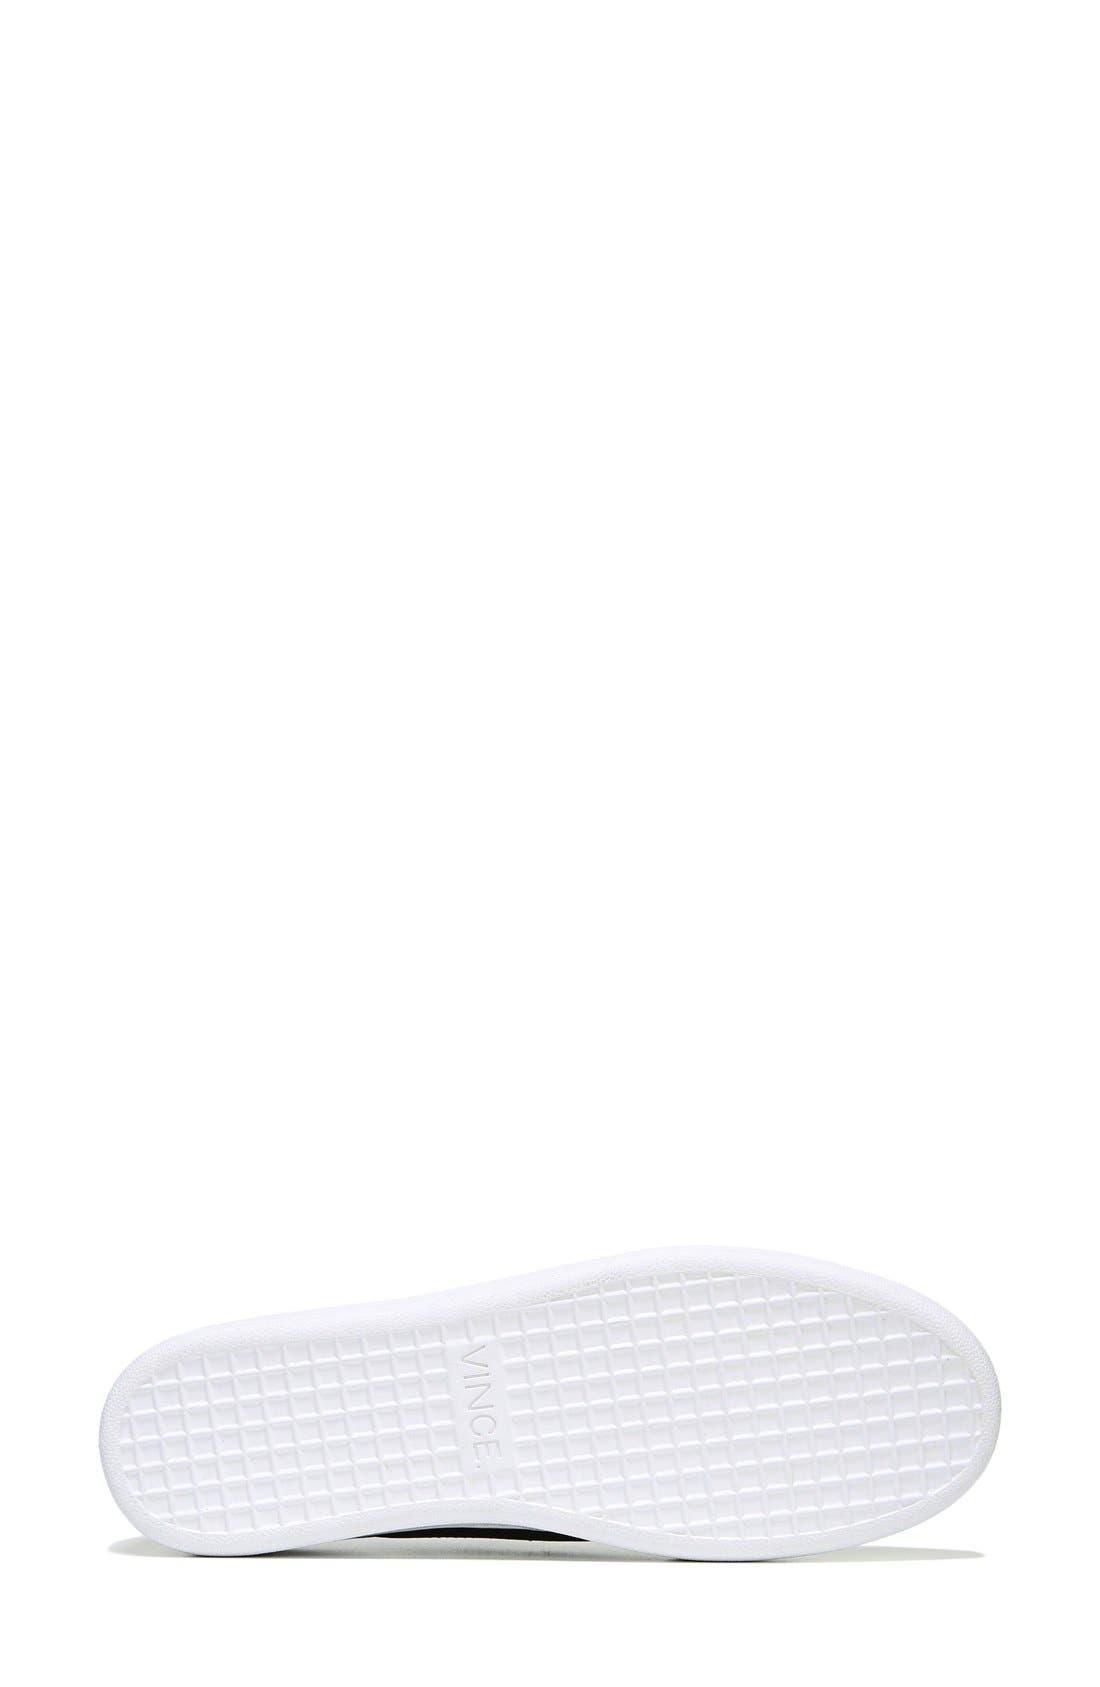 Verrell Slip-On Sneaker,                             Alternate thumbnail 36, color,